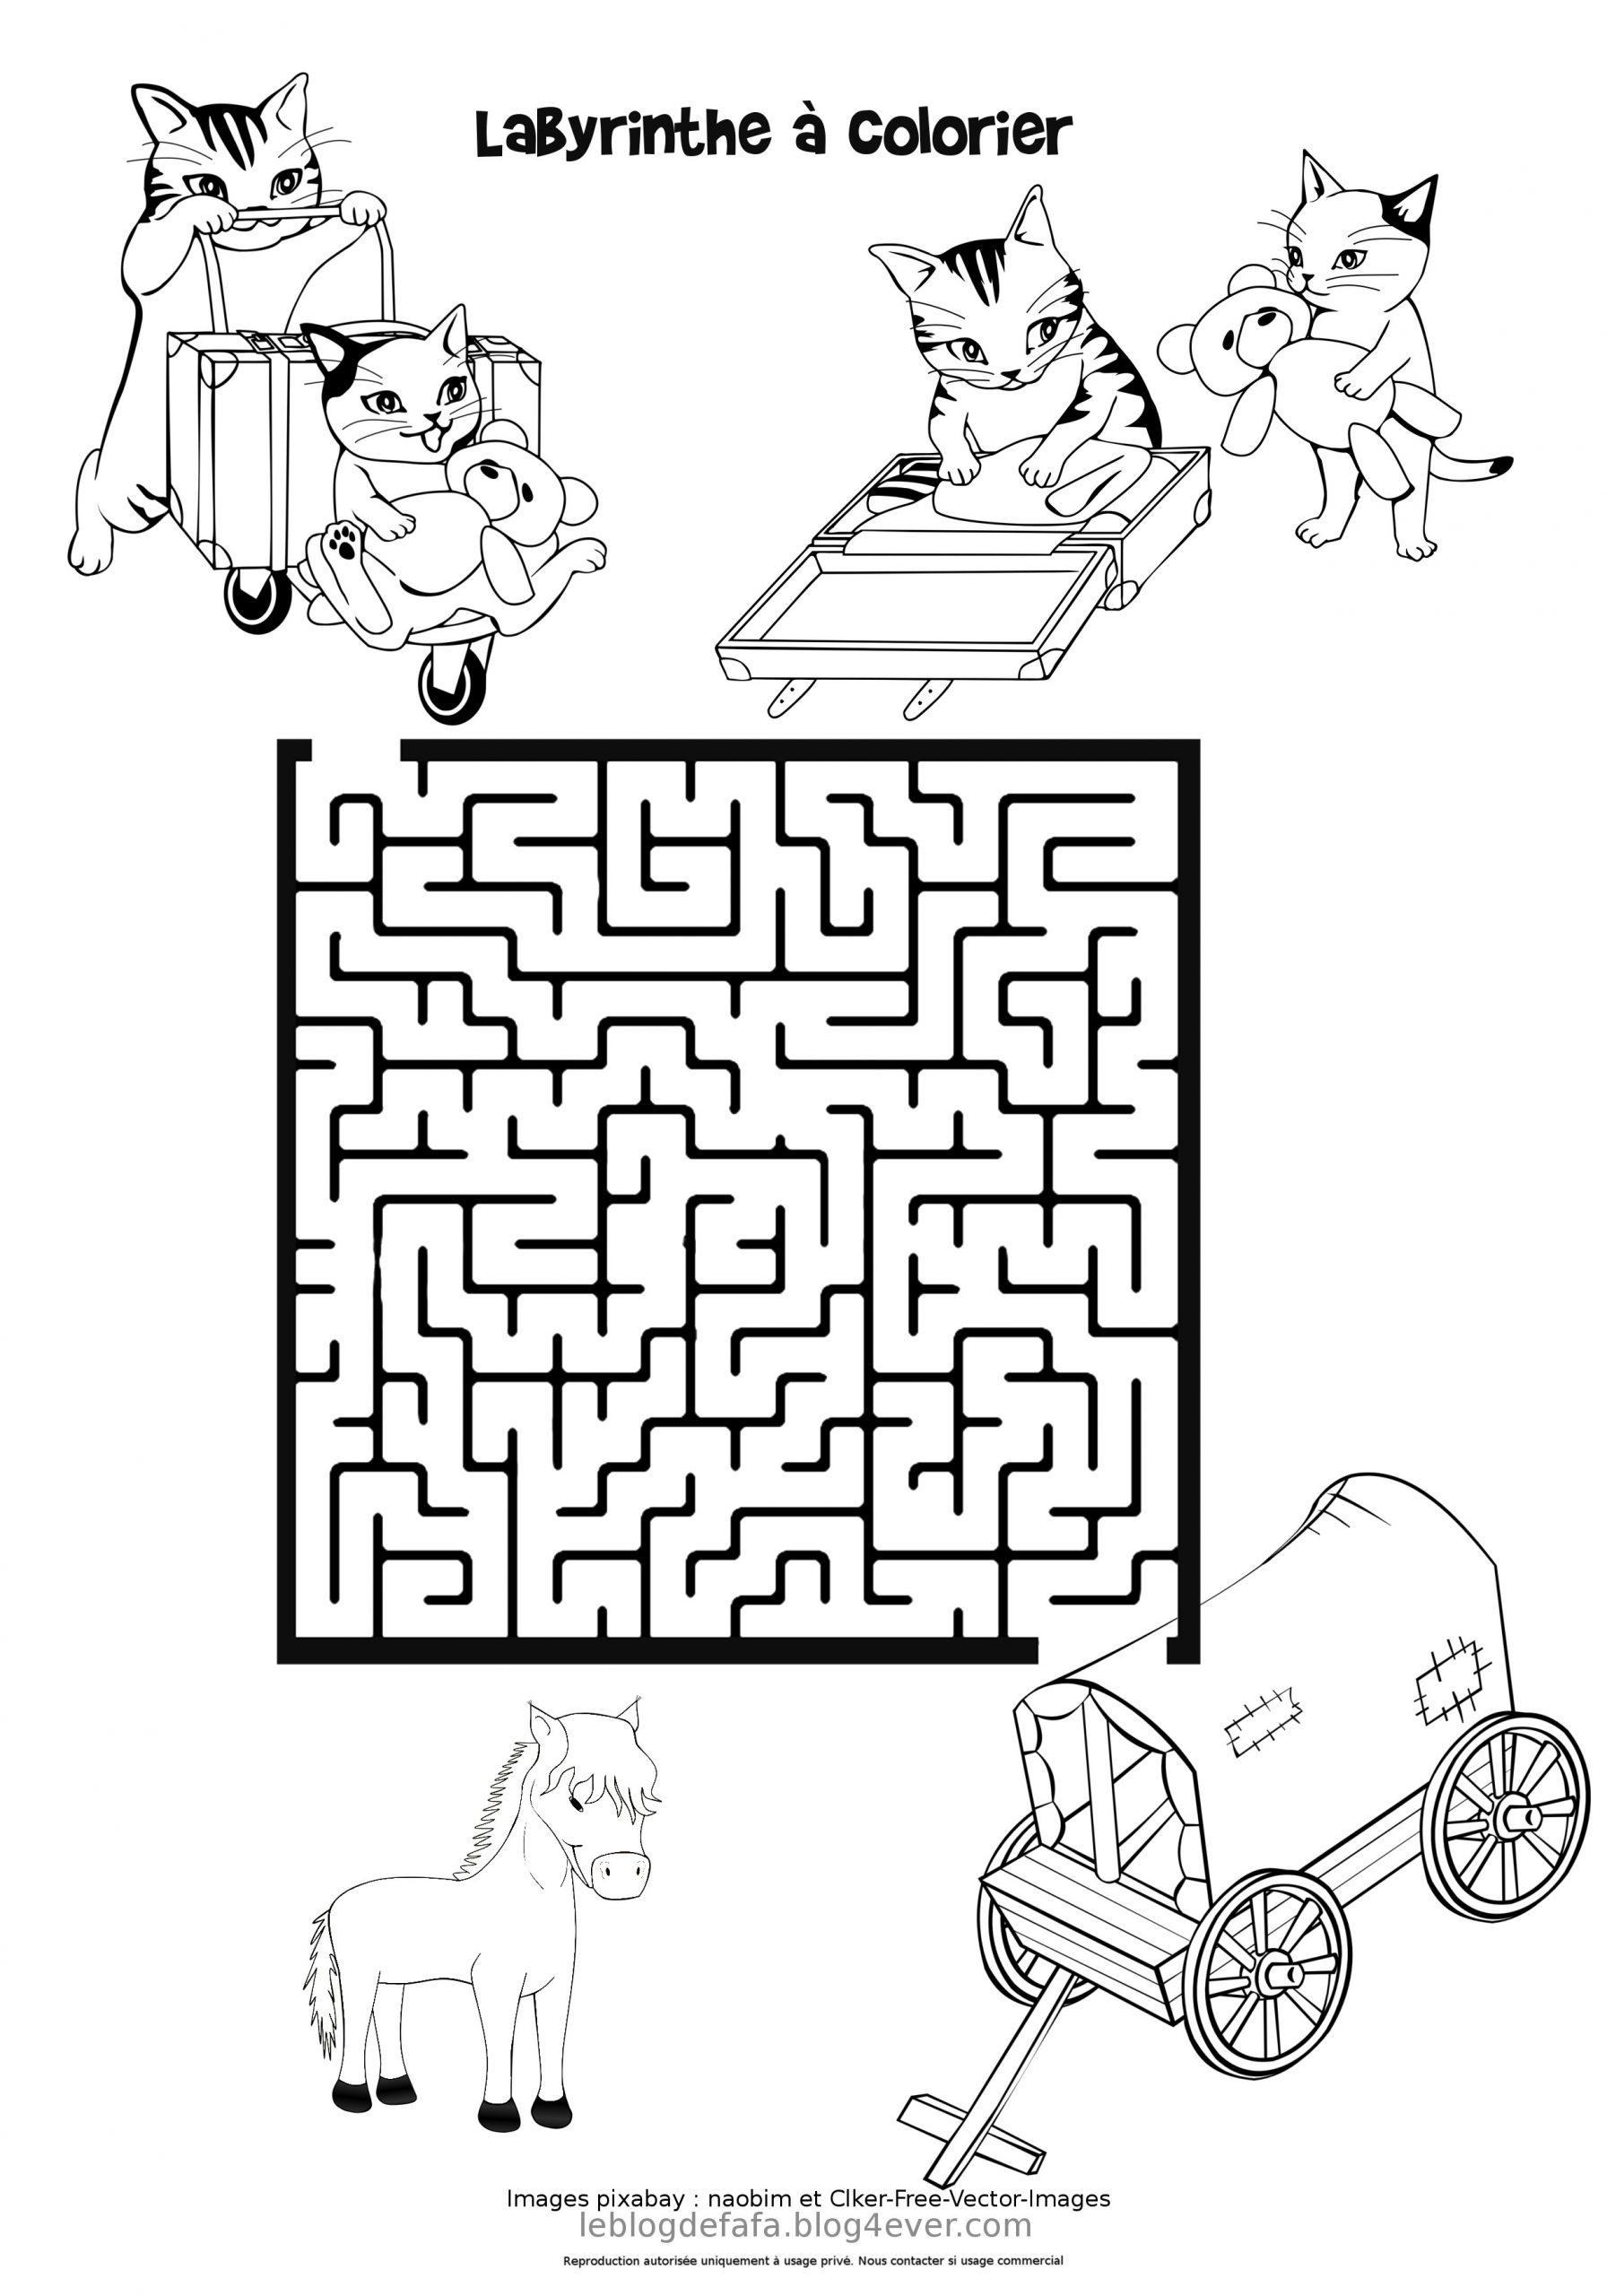 Jeux Chevaux Gratuits À Imprimer : Labyrinthes, Apprendre À serapportantà Jeux Point À Relier